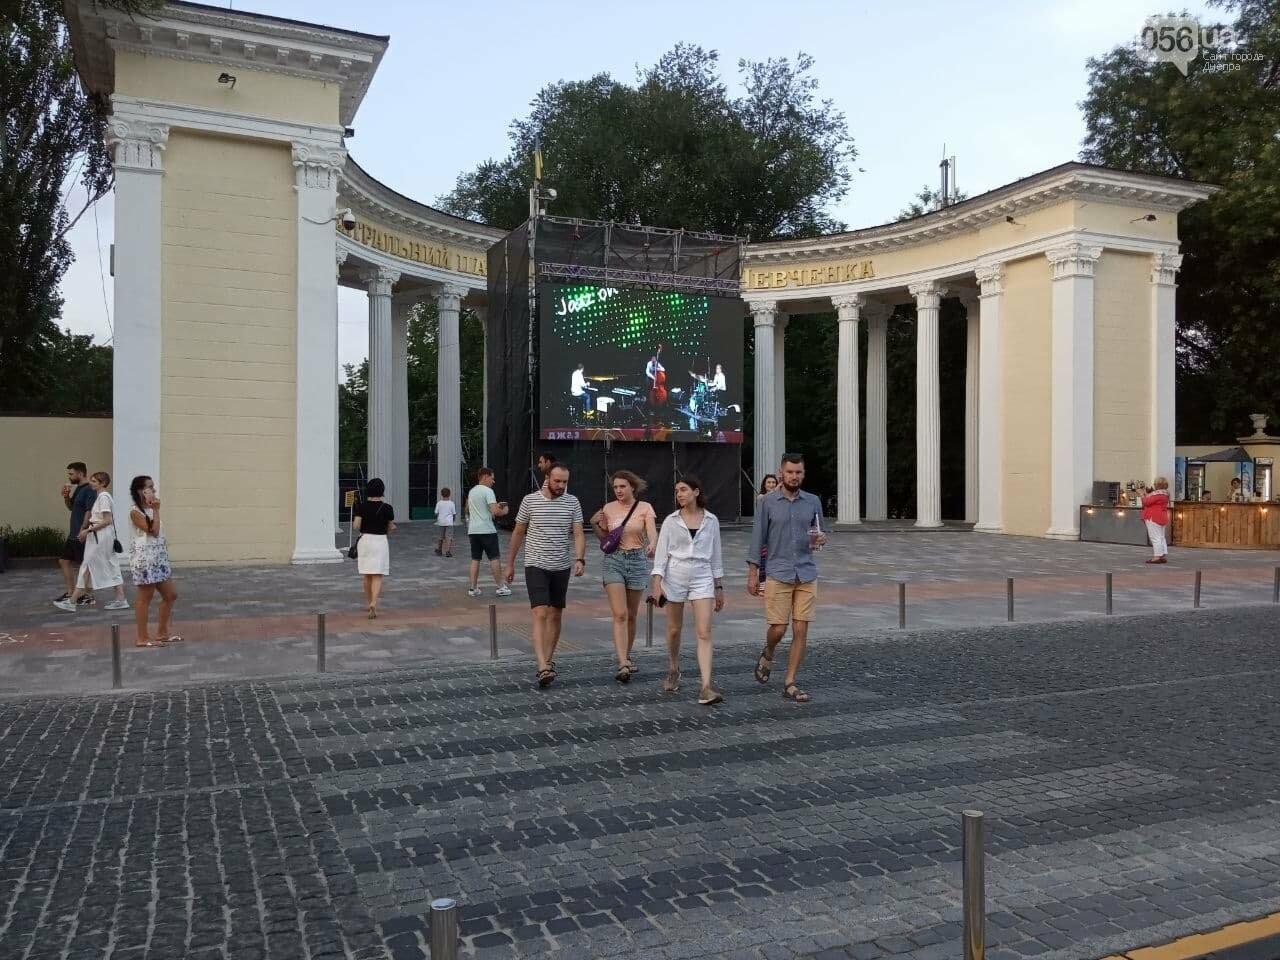 В Днепре по всей территории парка Шевченко звучит музыка нон-стоп, - ФОТО, ВИДЕО, фото-49